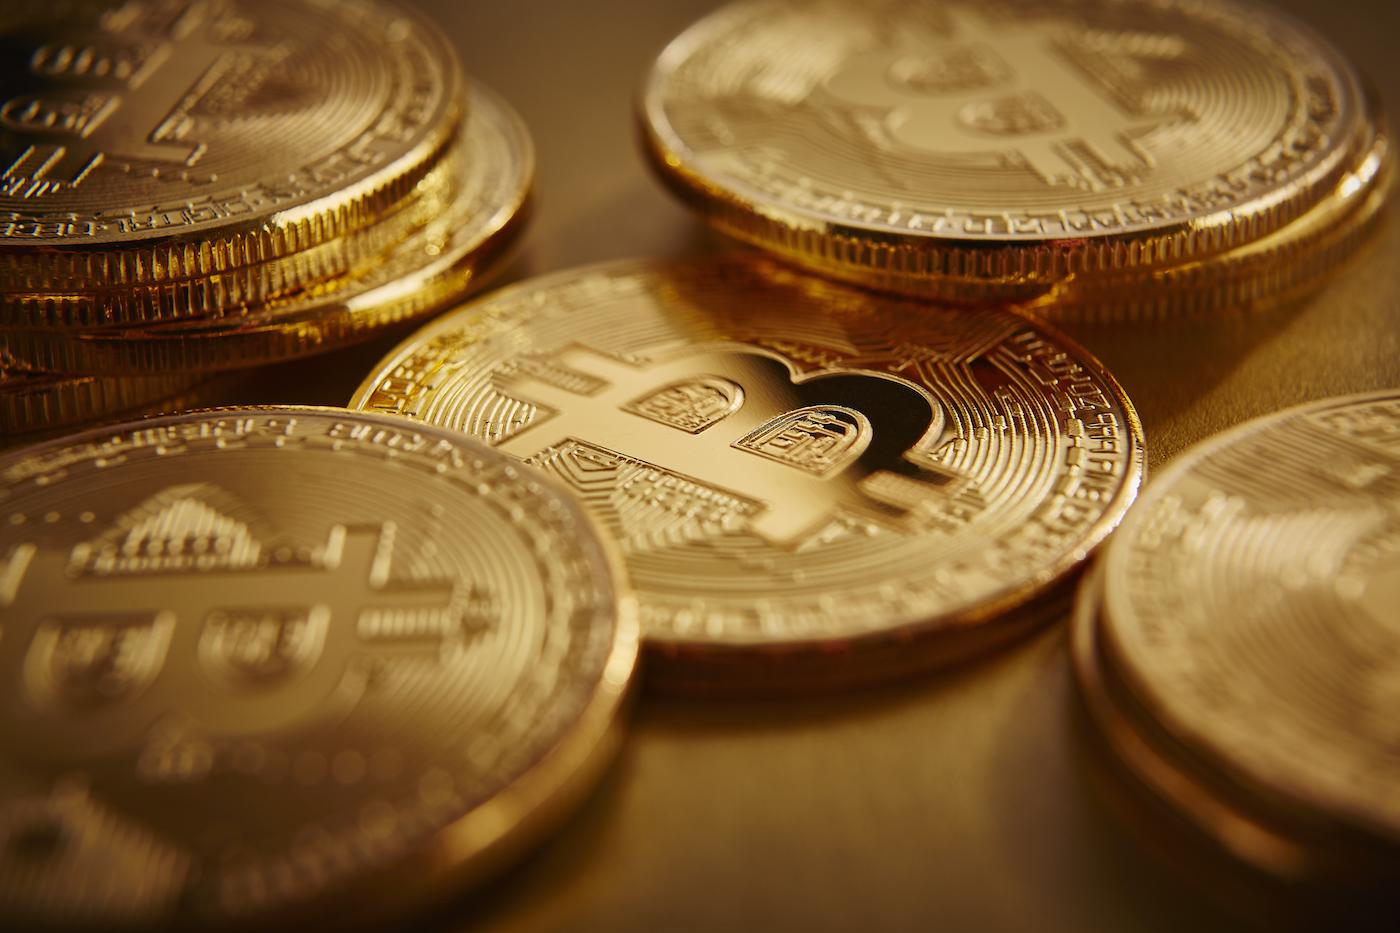 bitcoinde yasanan tasfiye fiyati nasil etkileyecek